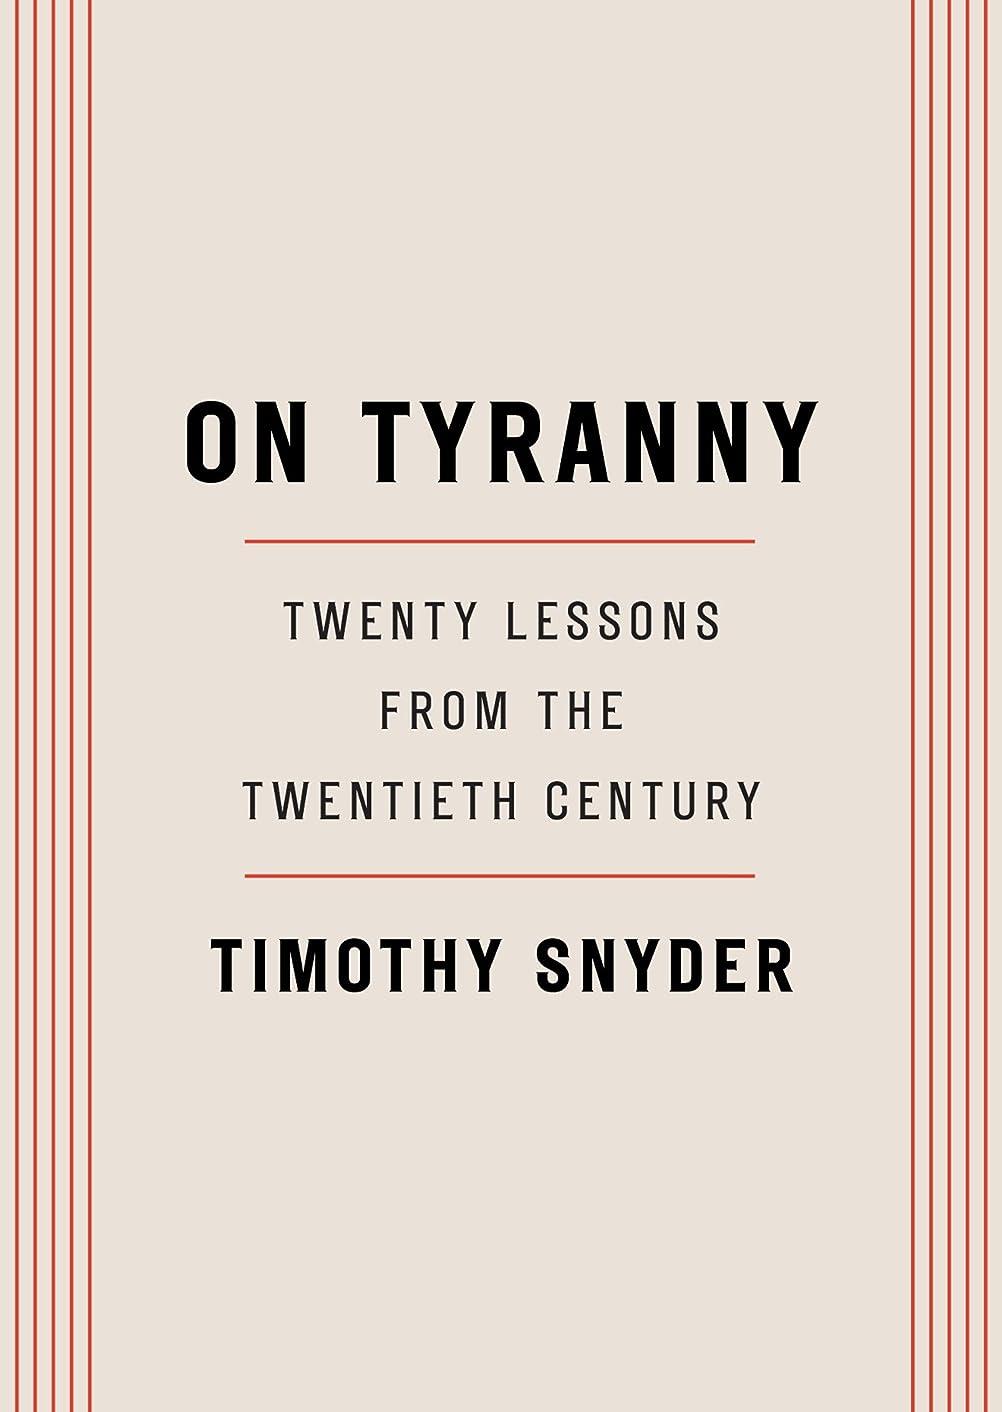 悔い改めるレスリング十On Tyranny: Twenty Lessons from the Twentieth Century (English Edition)